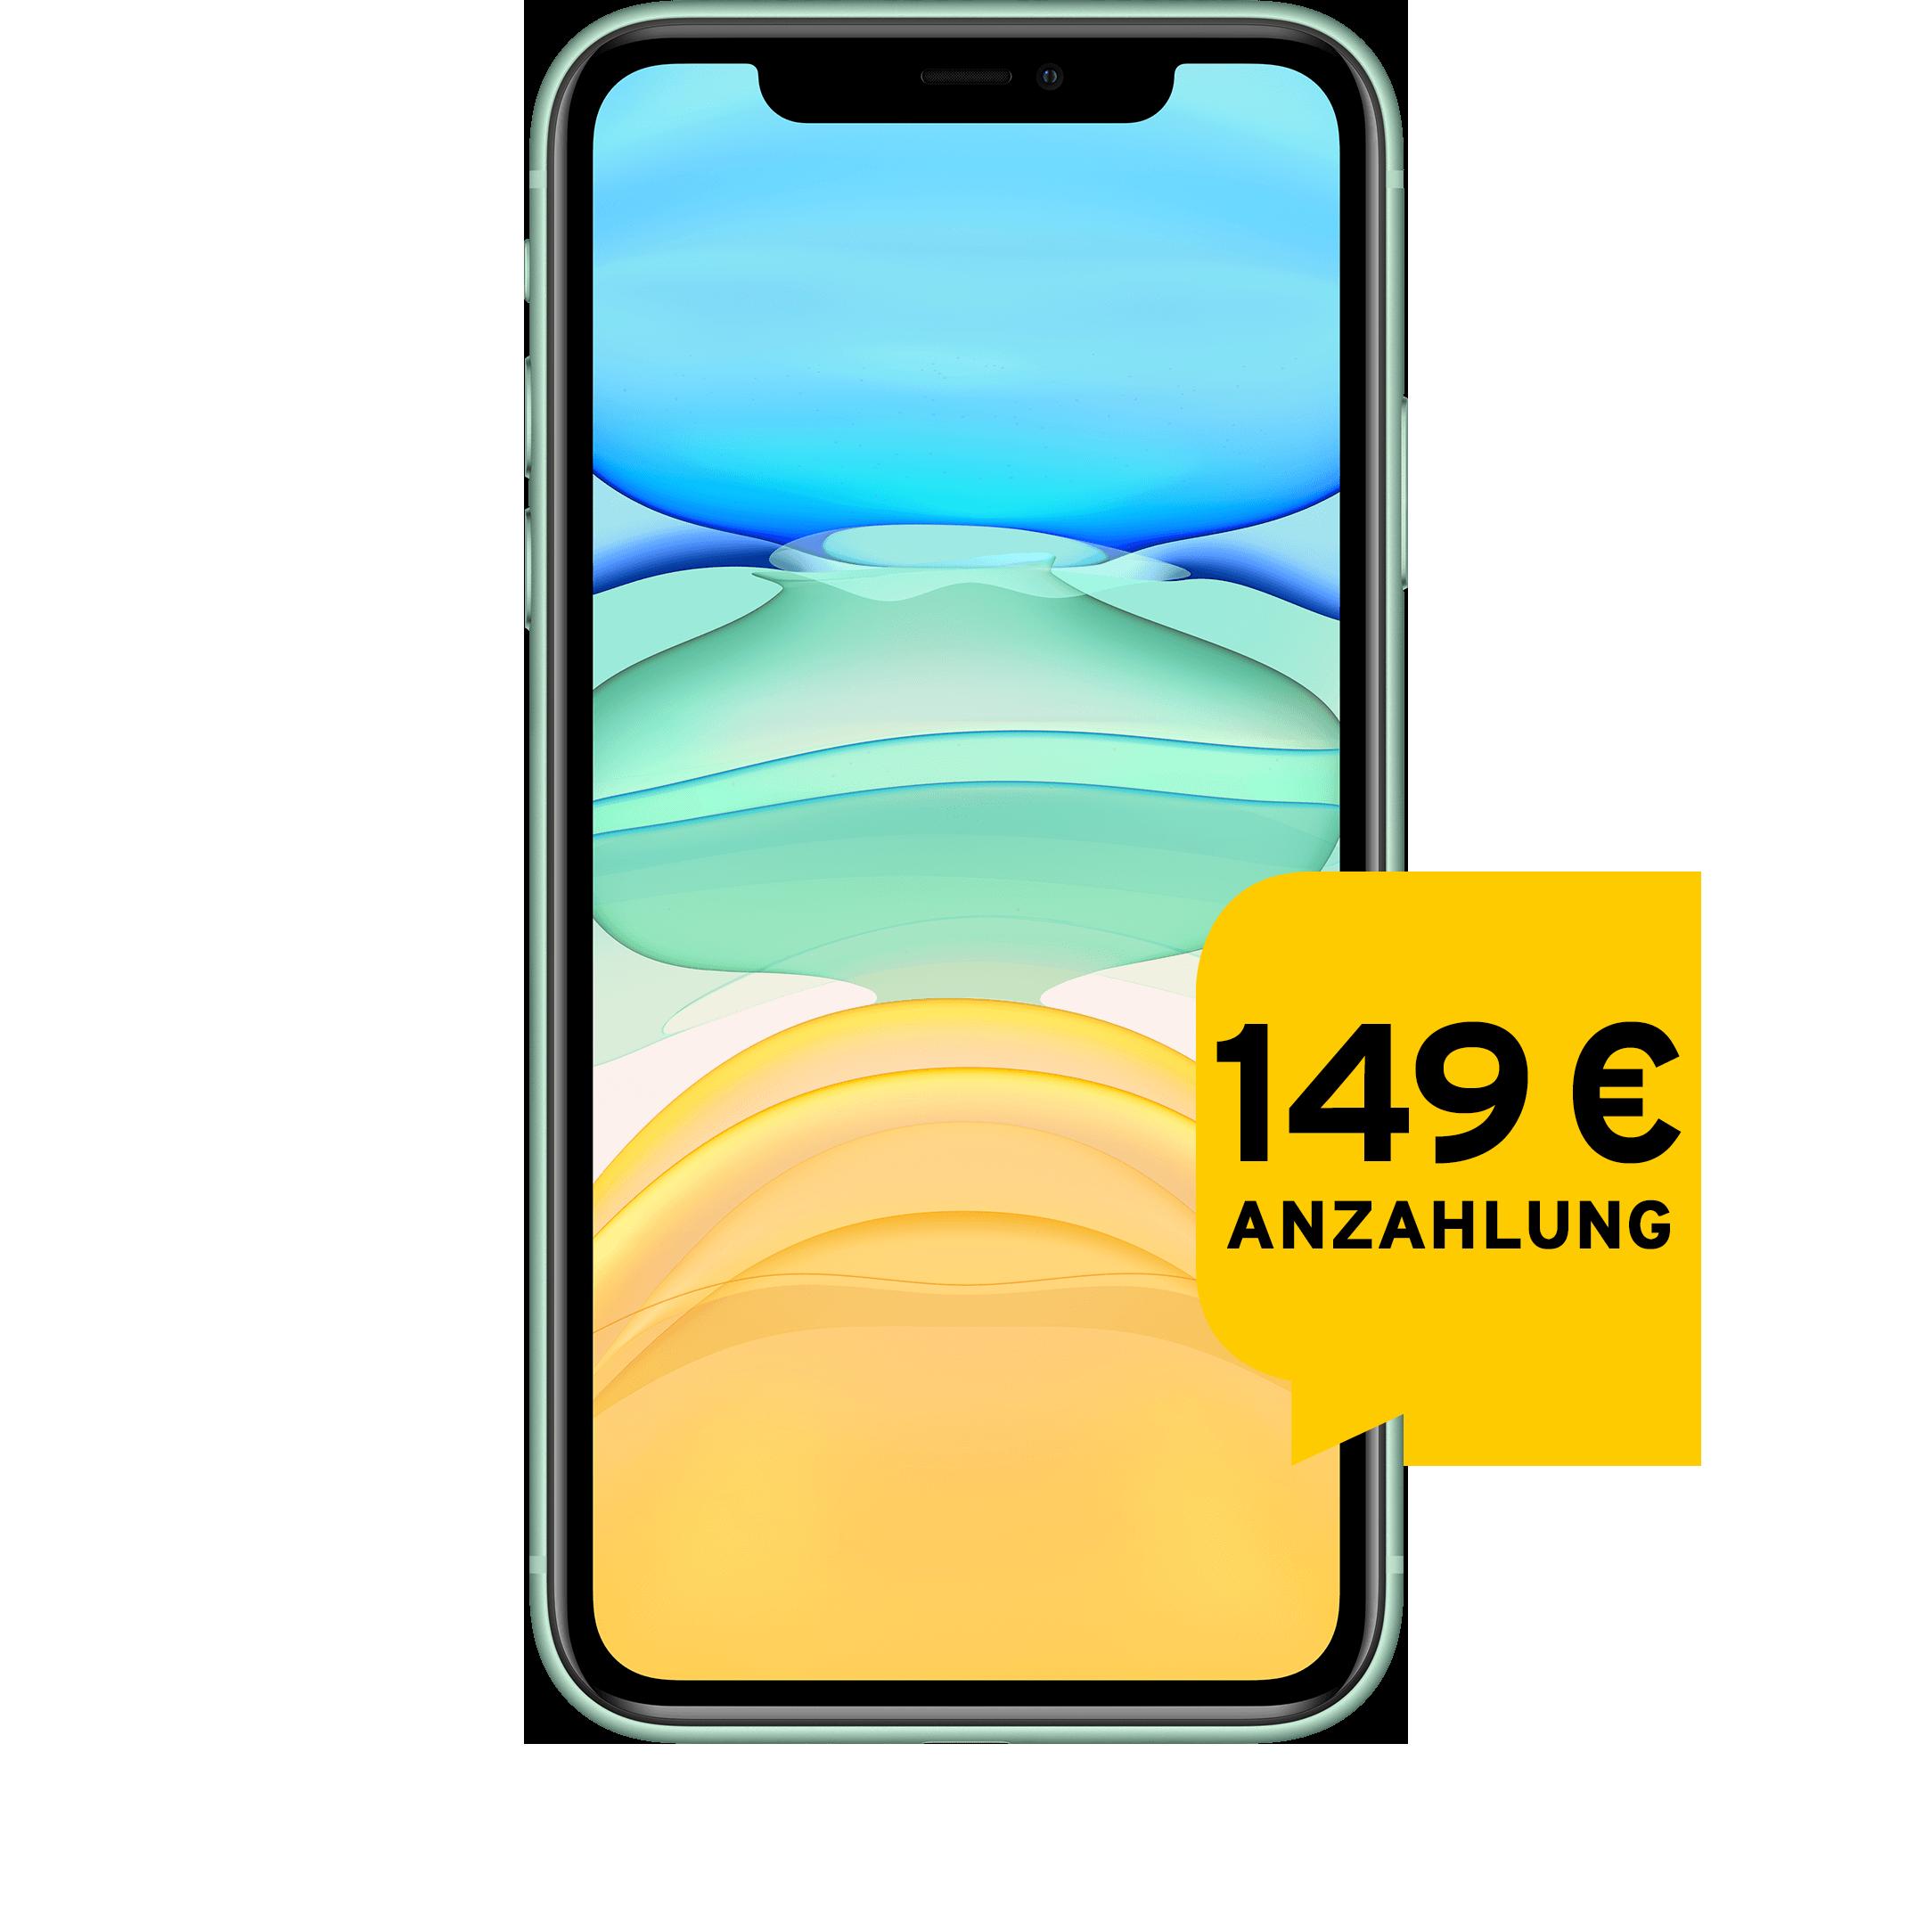 Günstig Kaufen beim Preisvergleich-Apple iPhone 11 128 GB grün Aktion mit Allnet Flat L